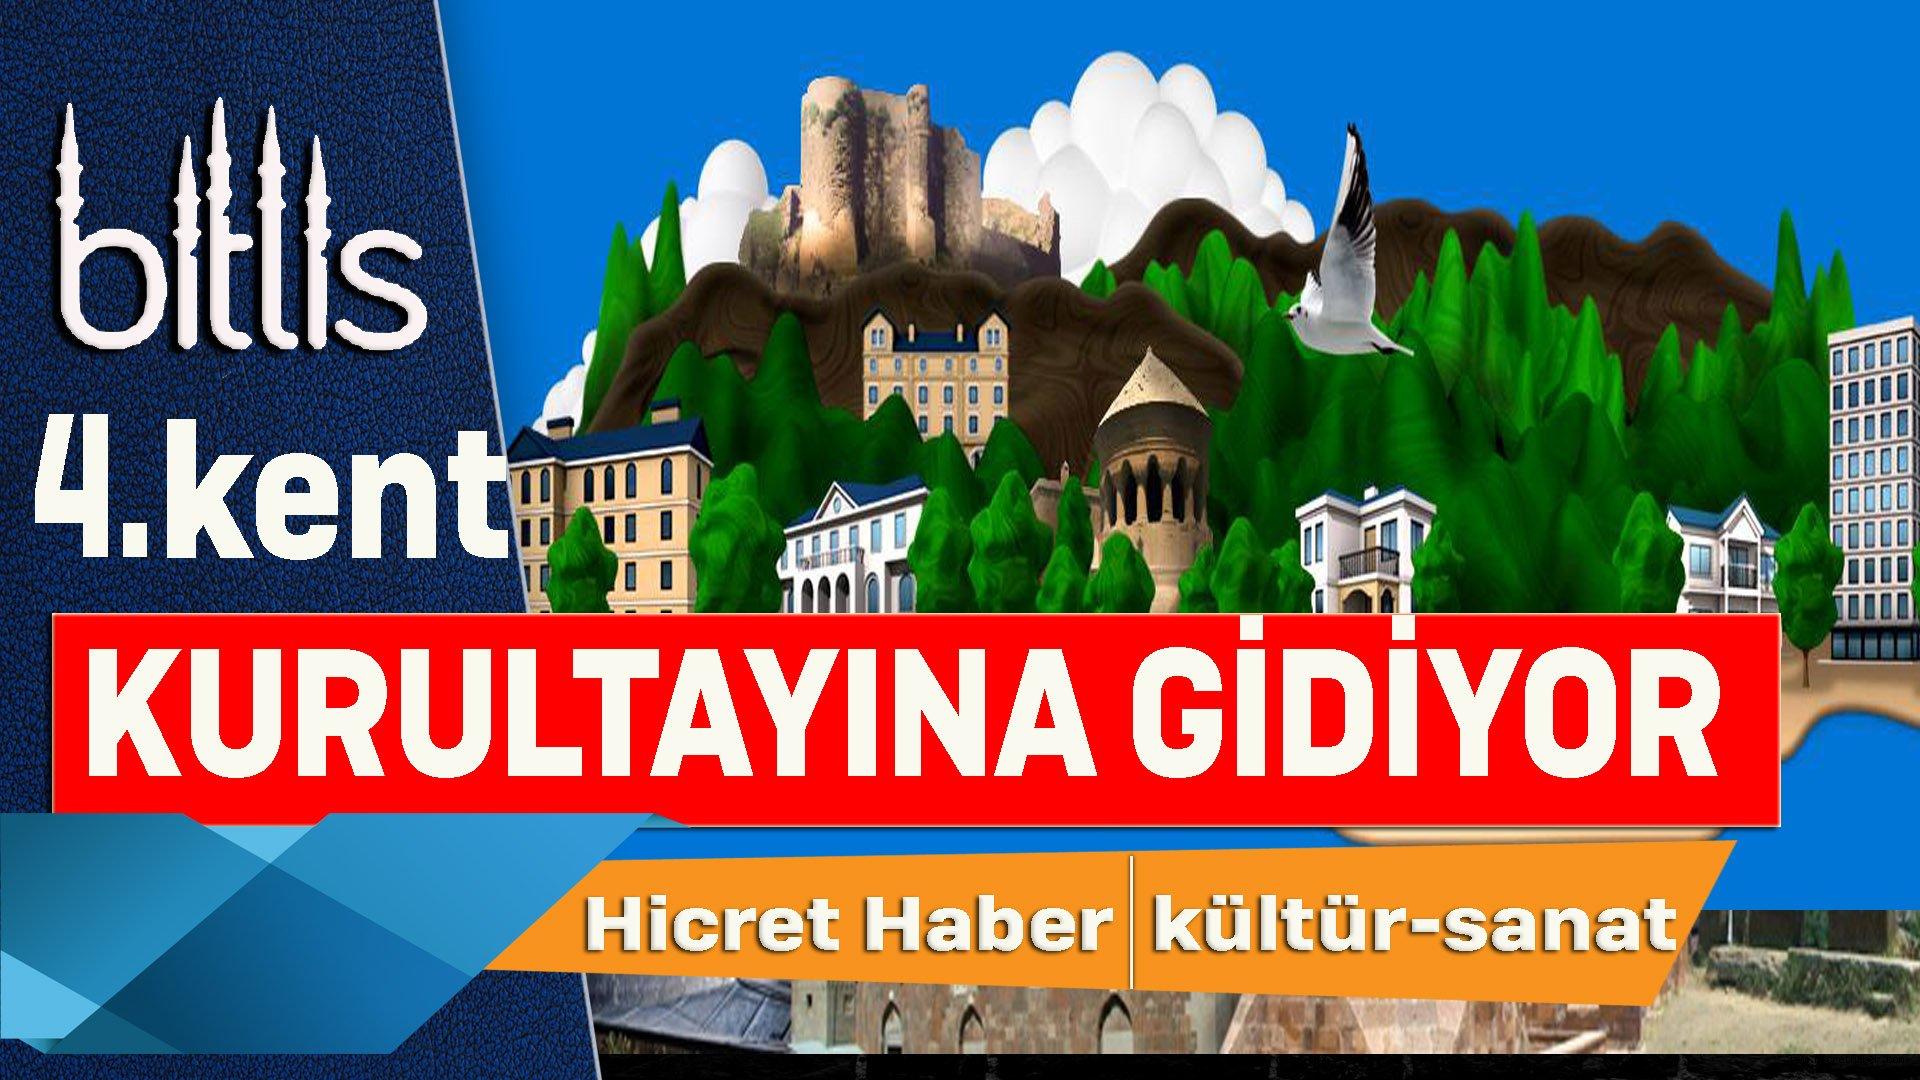 Bitlis Kent Kurultayına Hazırlanıyor